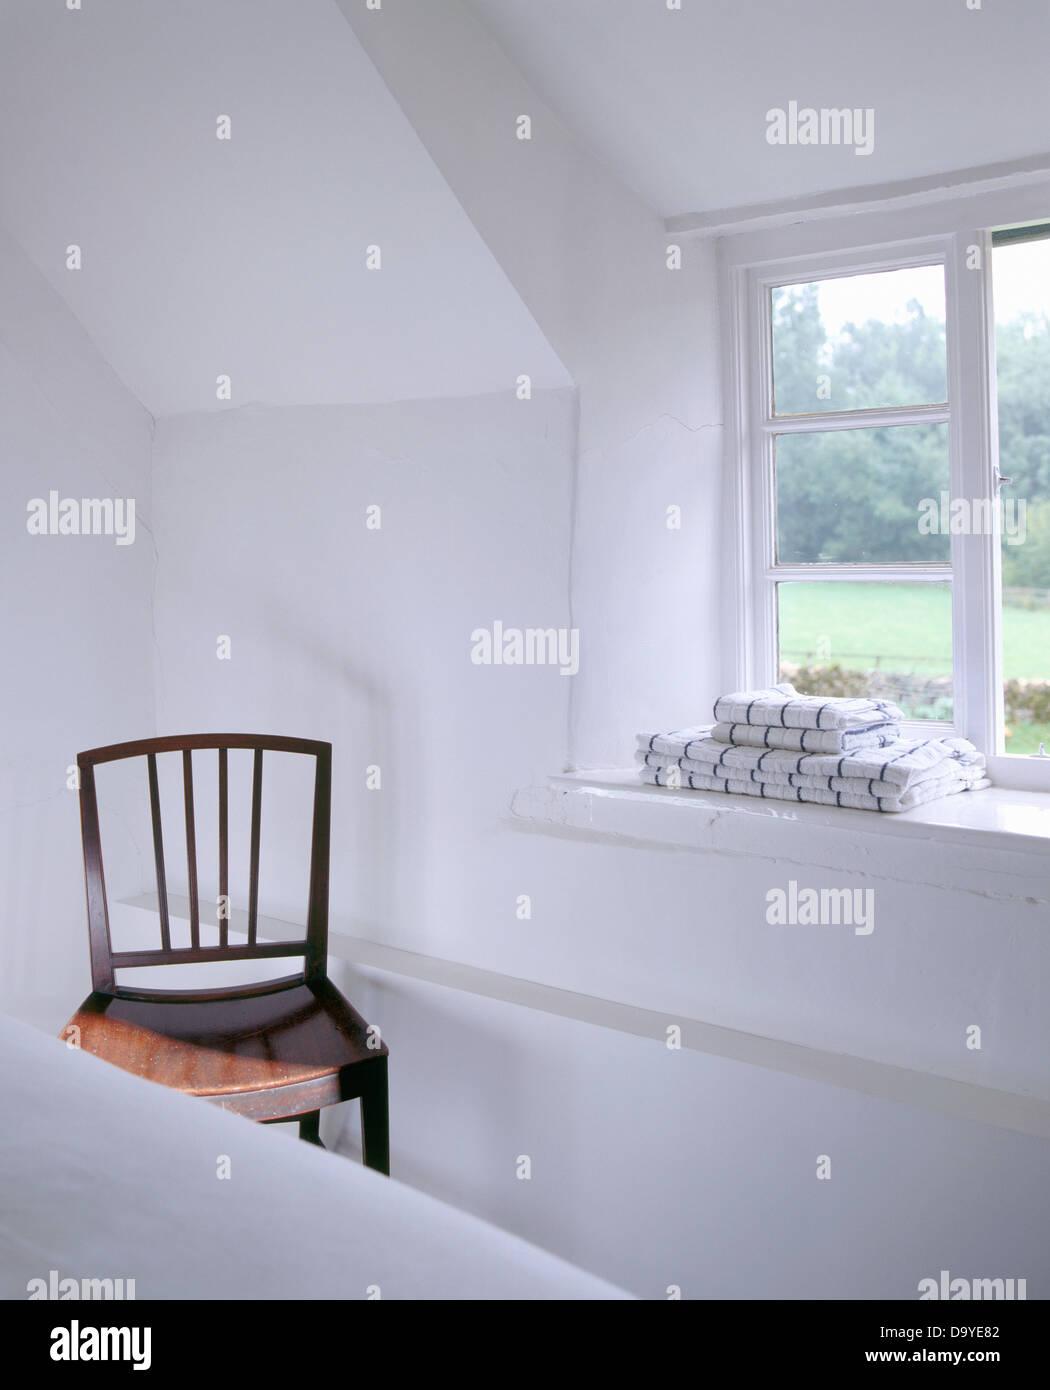 Holzstuhl Neben Offenen Fenster Mit Stapel Handtücher Auf Fensterbank In  Weißen Land Schlafzimmer Mit Schrägen Decke